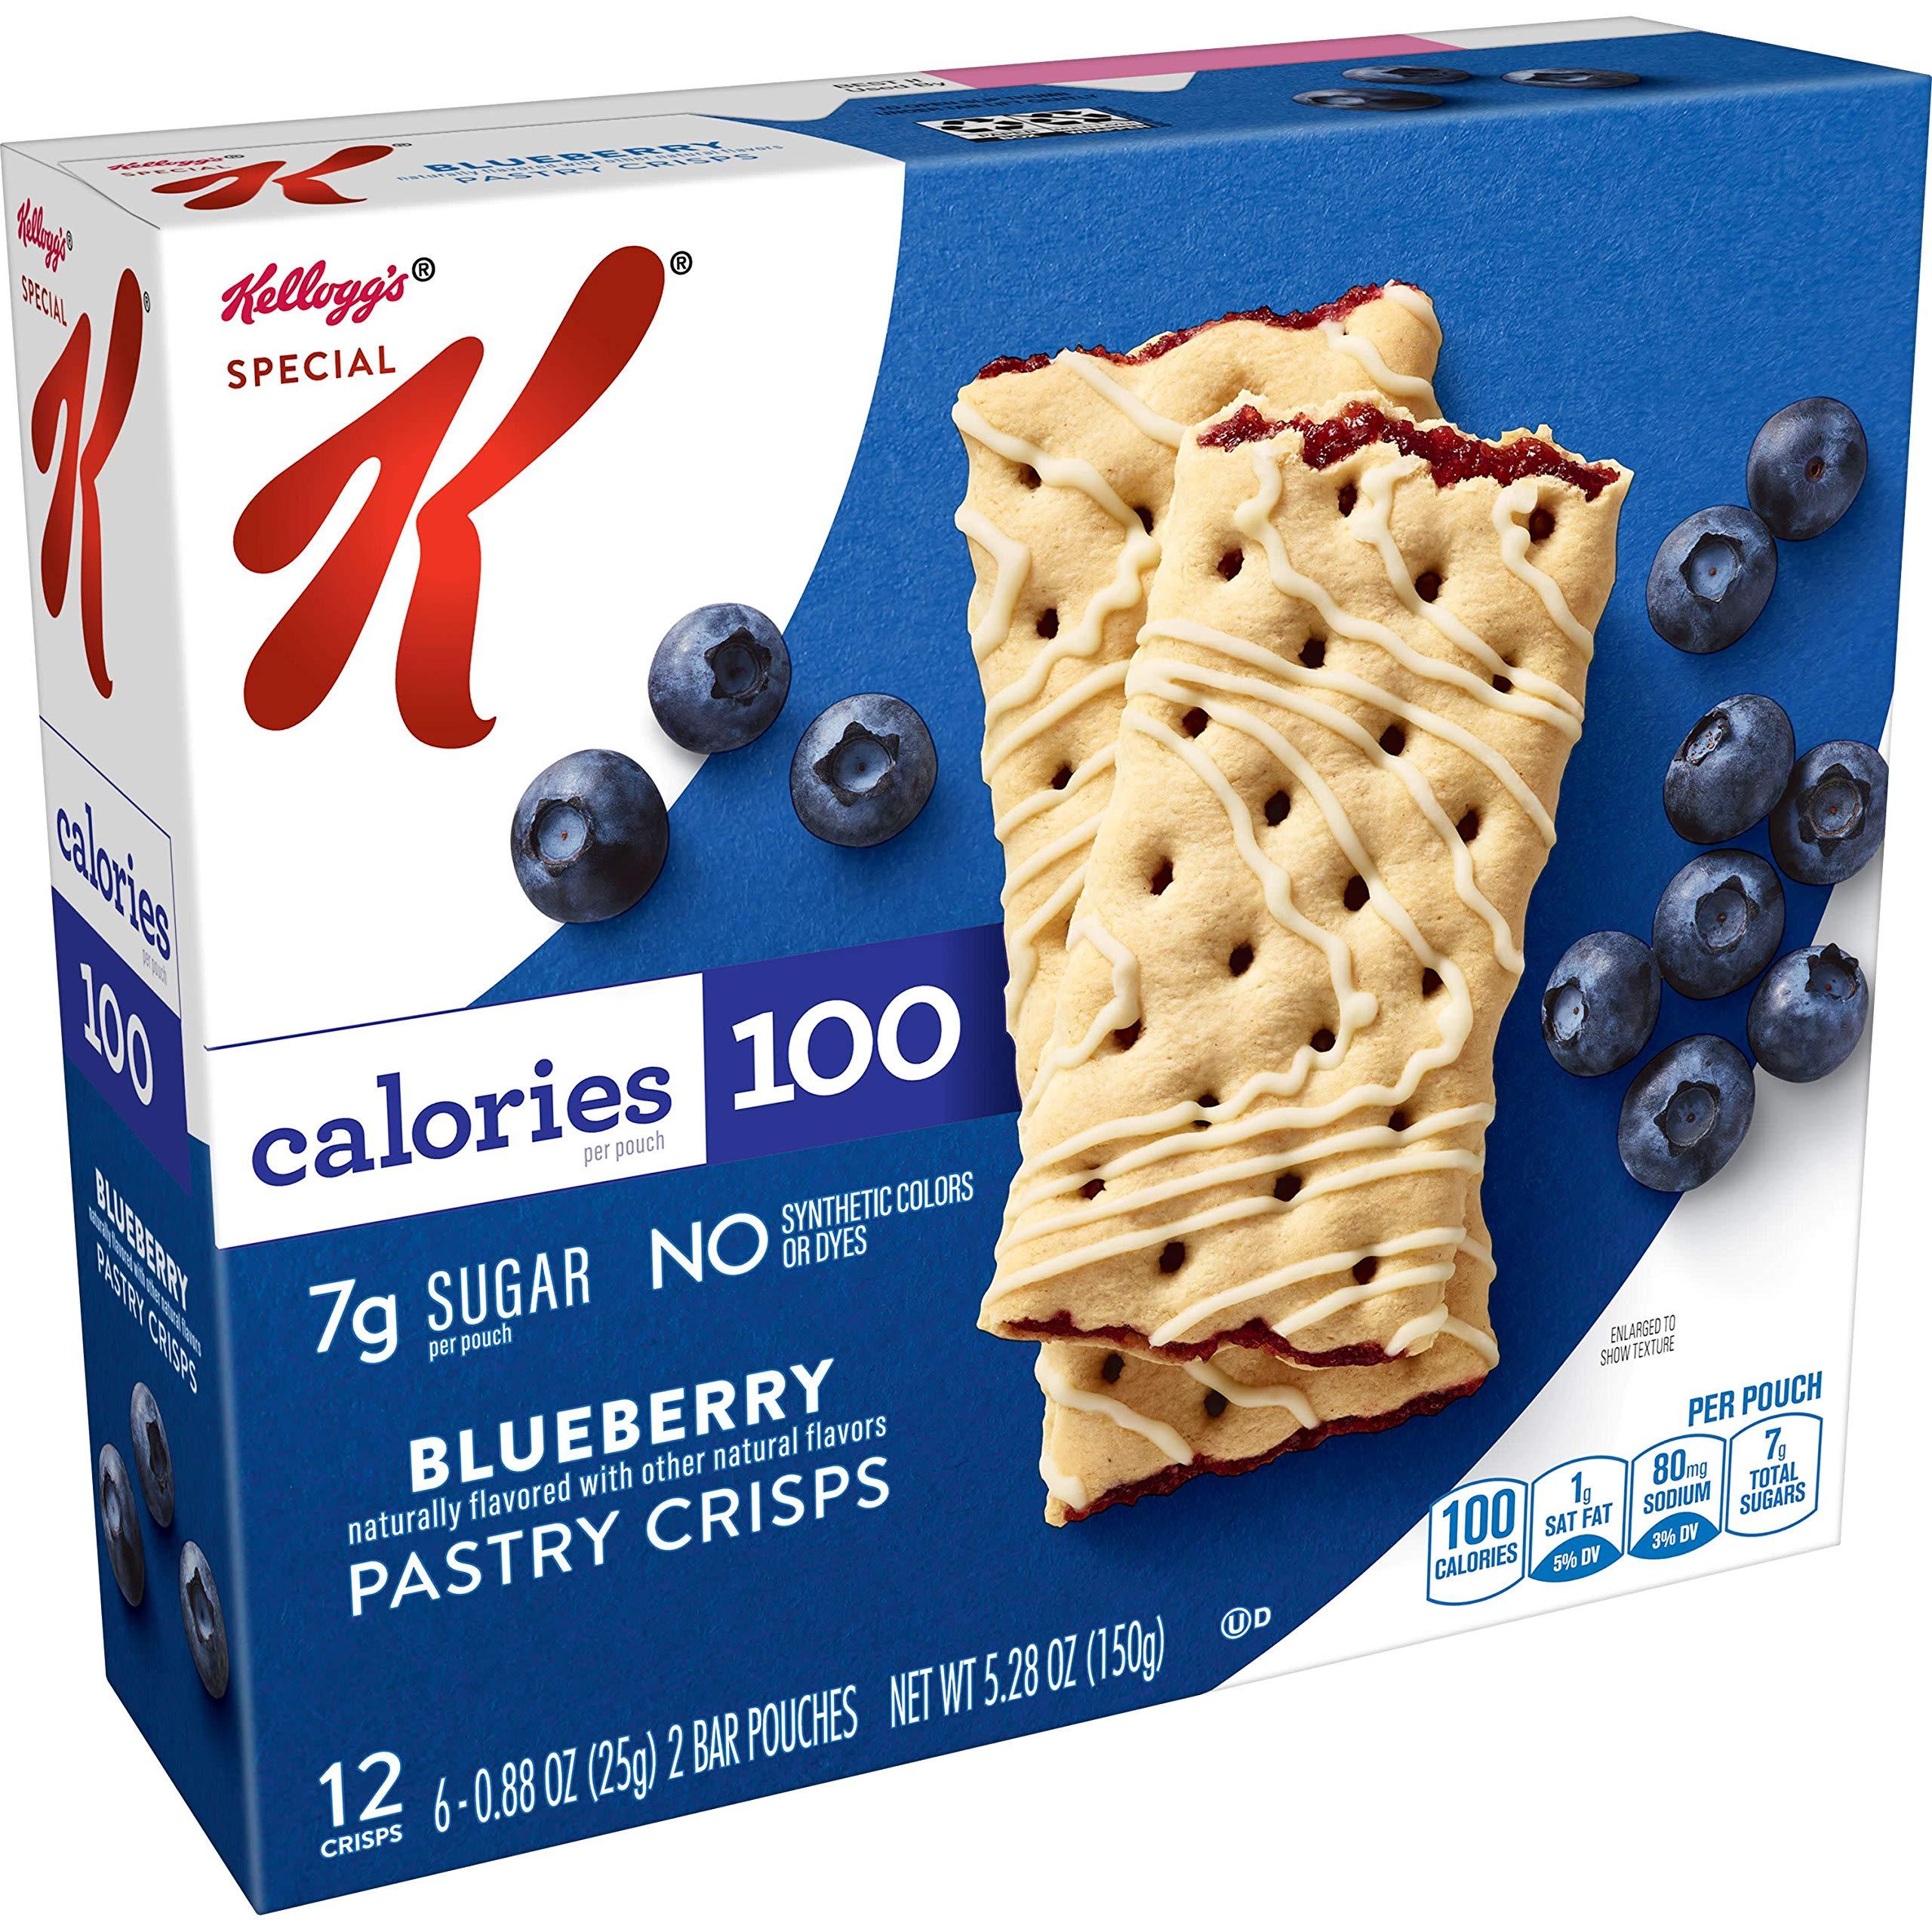 Special K Pastry Crisps, Blueberry, 5.28 oz, 12 Crisps, 2 per Pouch (6 Pouches)